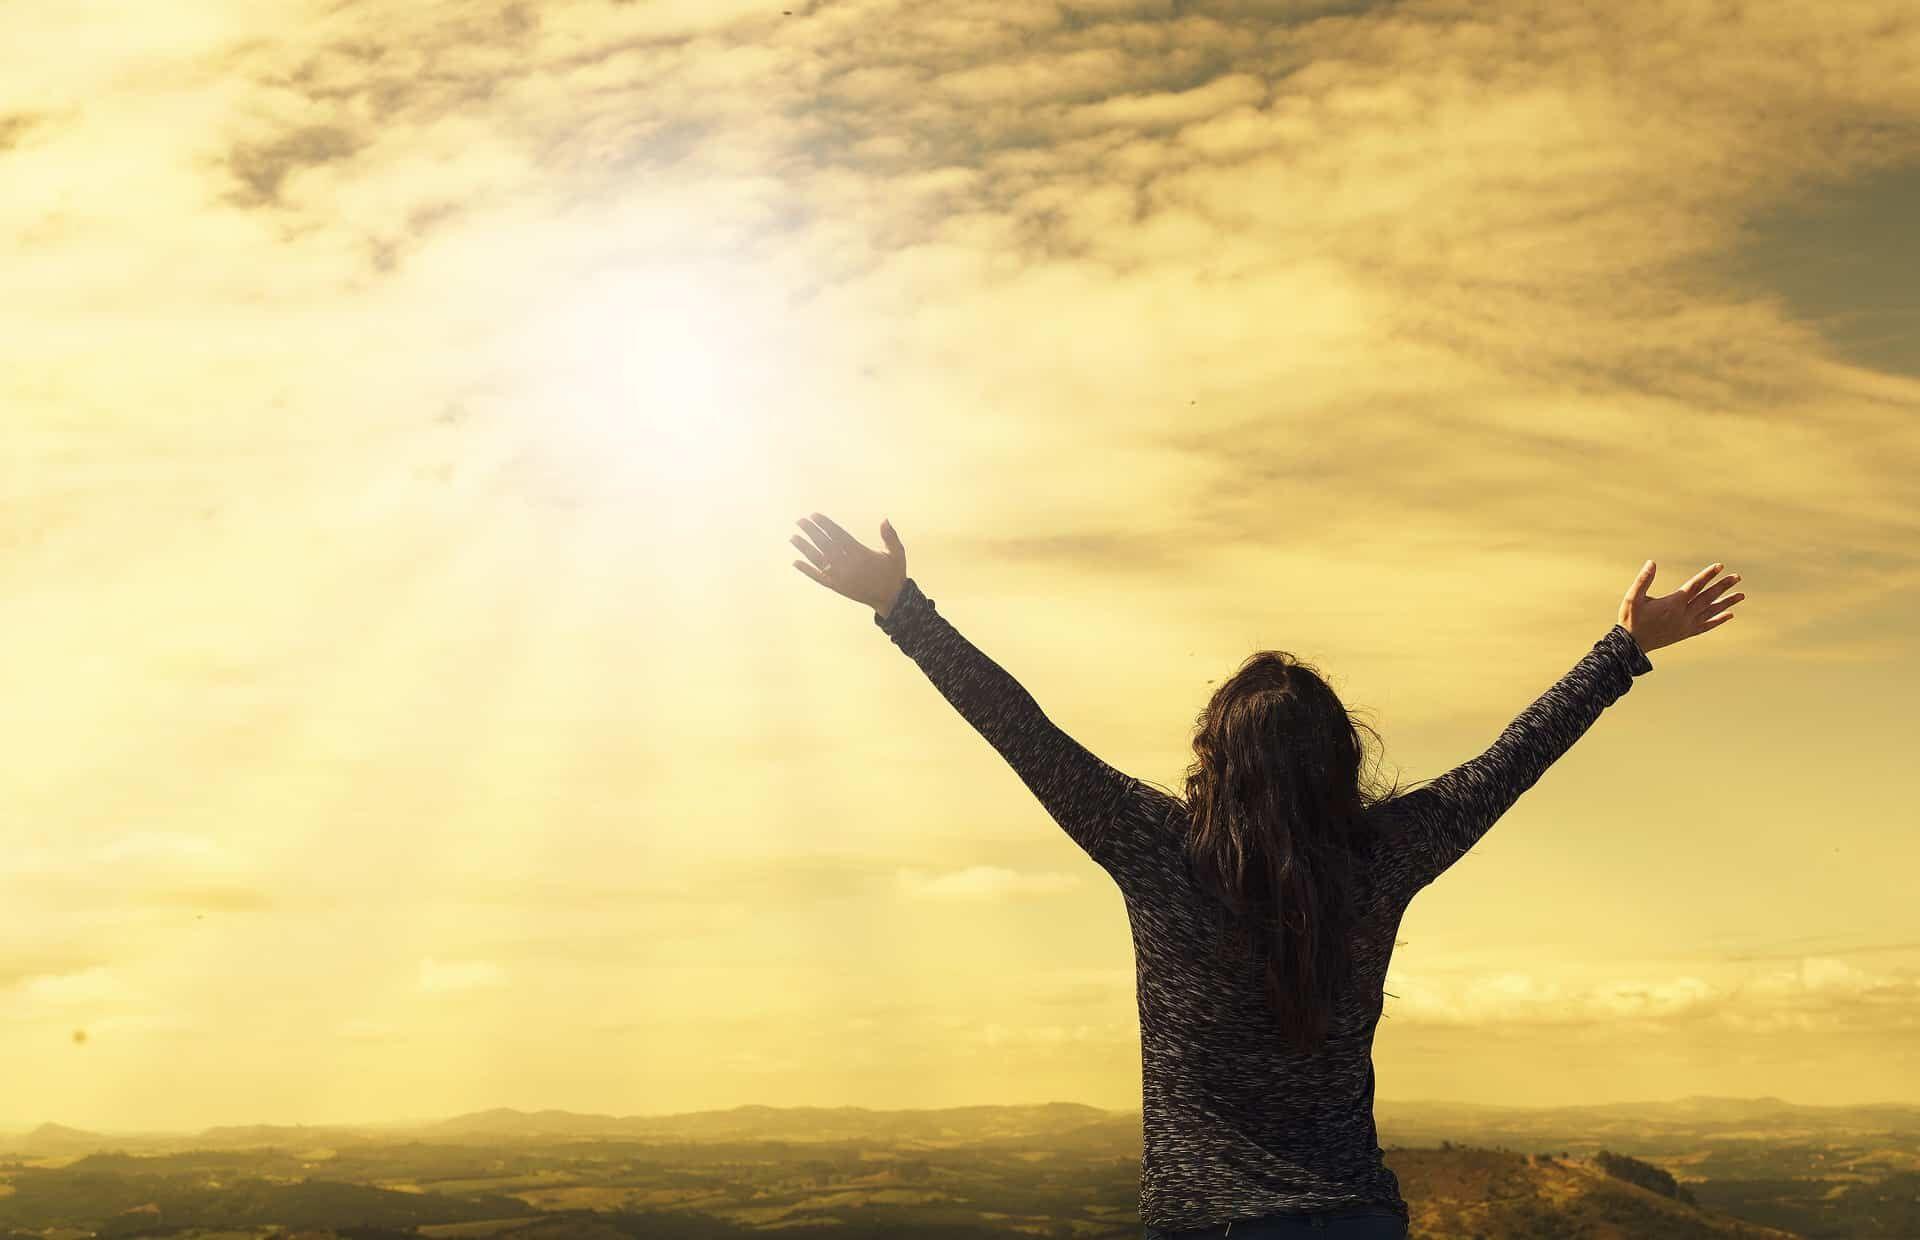 Поклонение - выражение Господу своей любви и почтения, смирение перед Ним